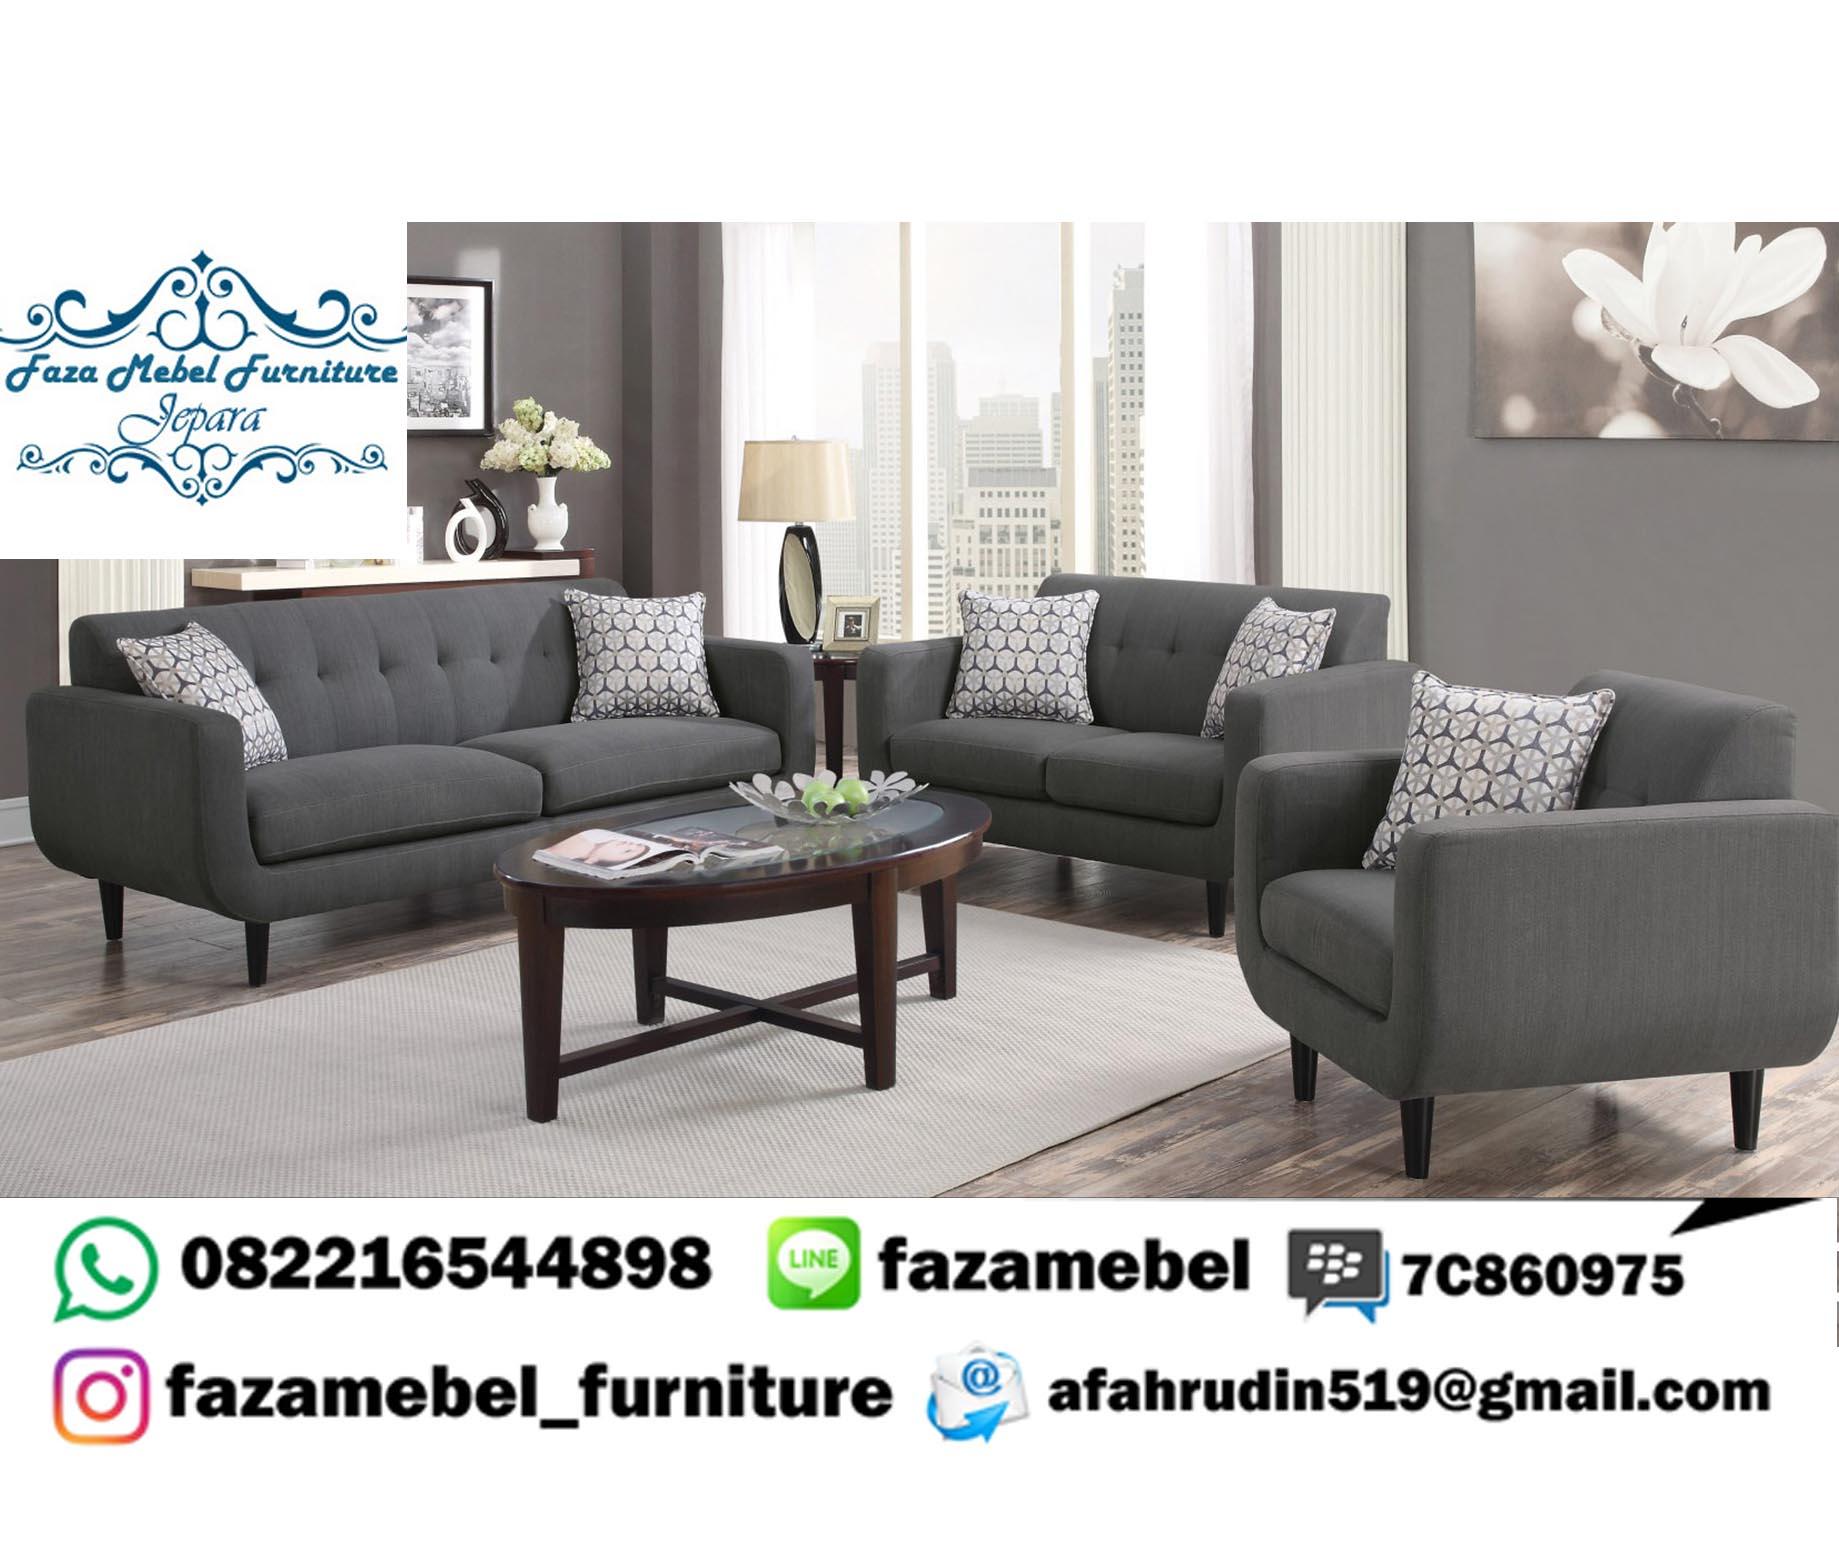 Kursi-Sofa-Ruang-Tamu-Minimalis-Modern-Terbaru-Mebel-Jepara